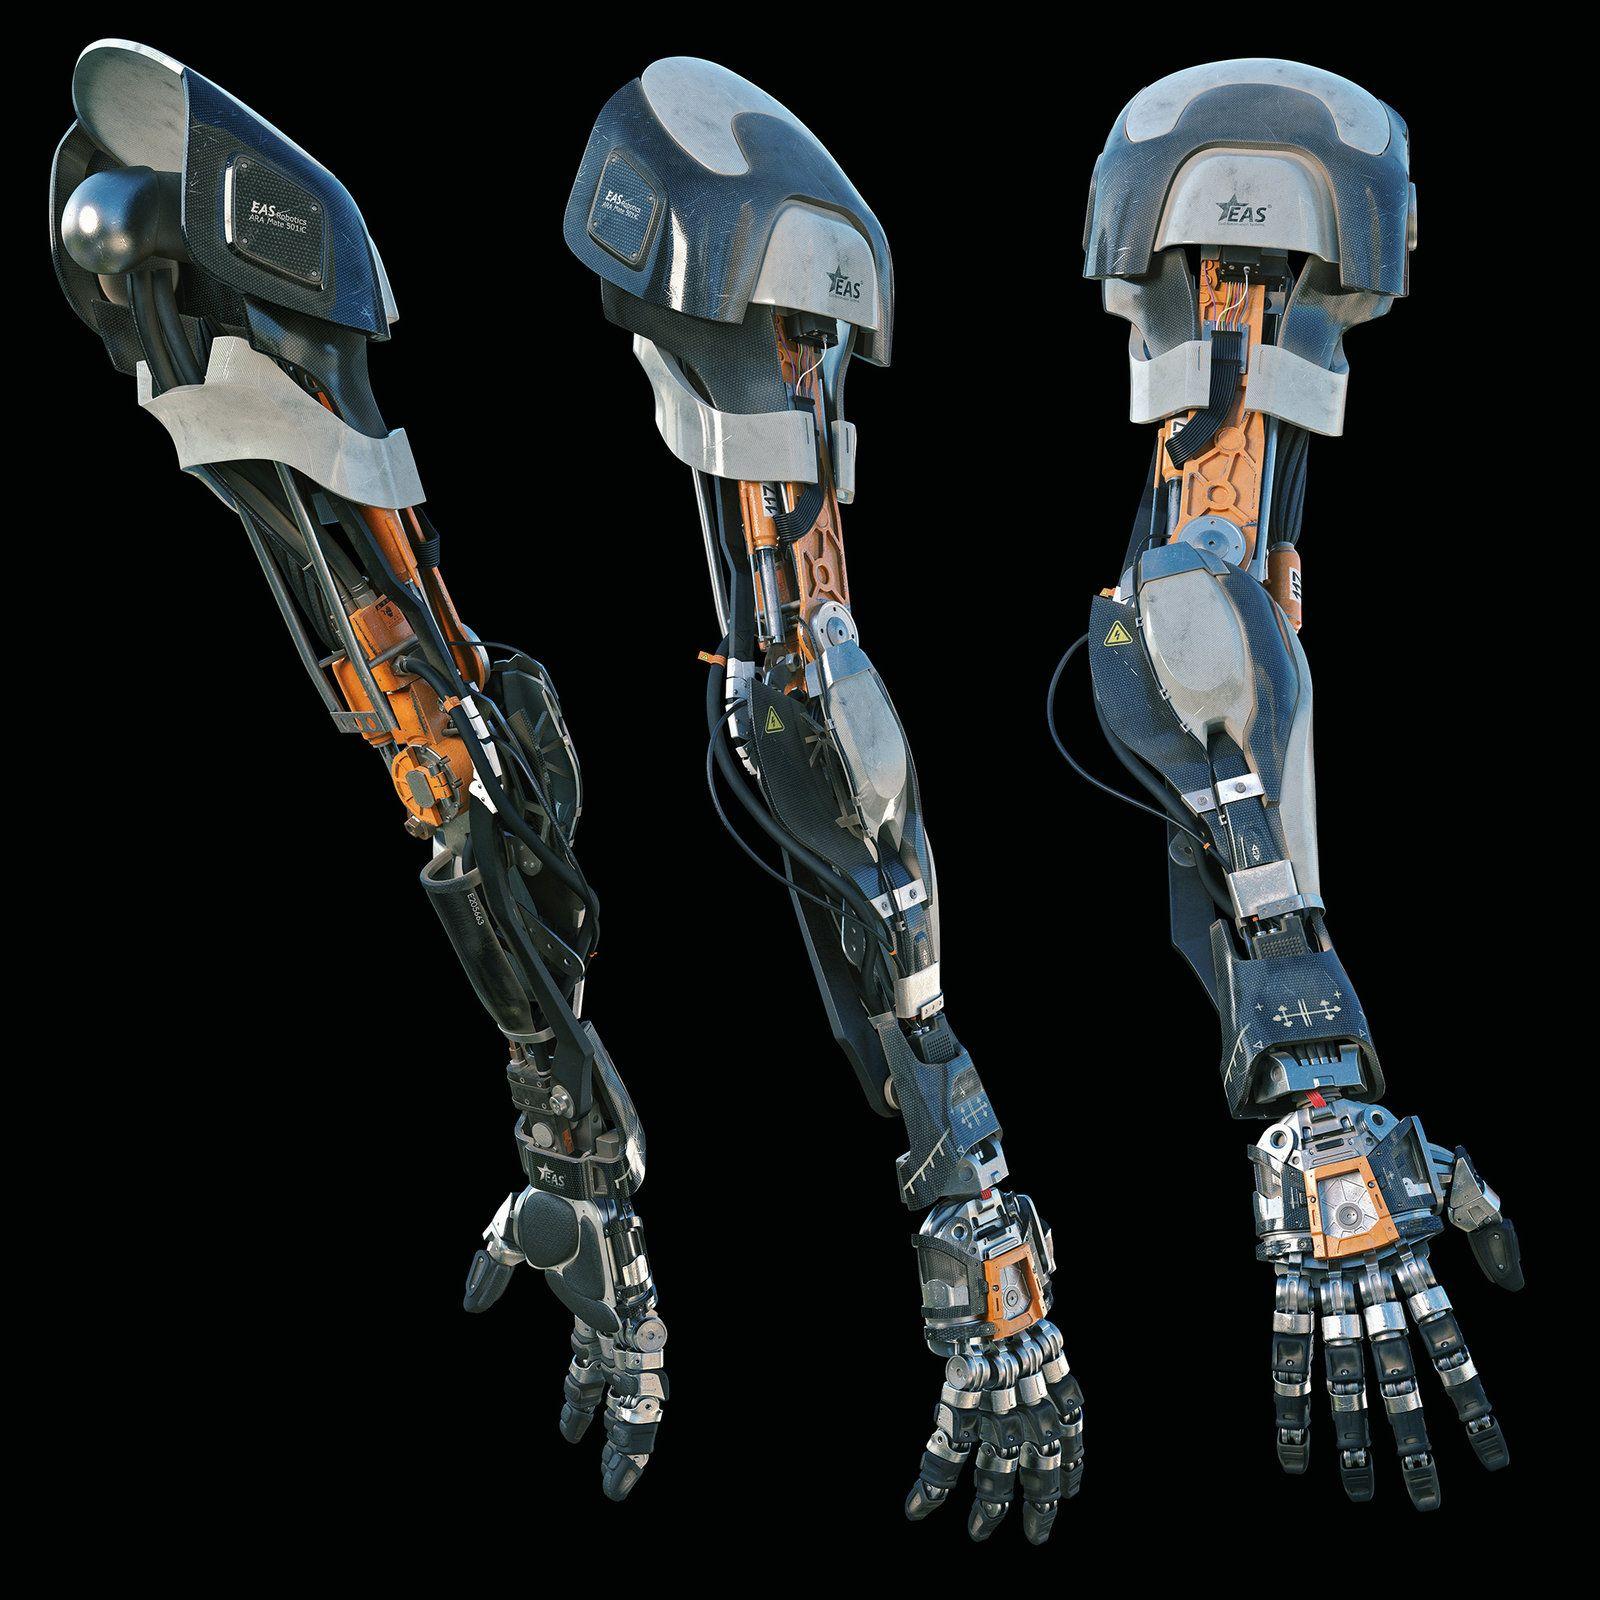 Robotic Arm Alexey Vasilyev On Artstation At S